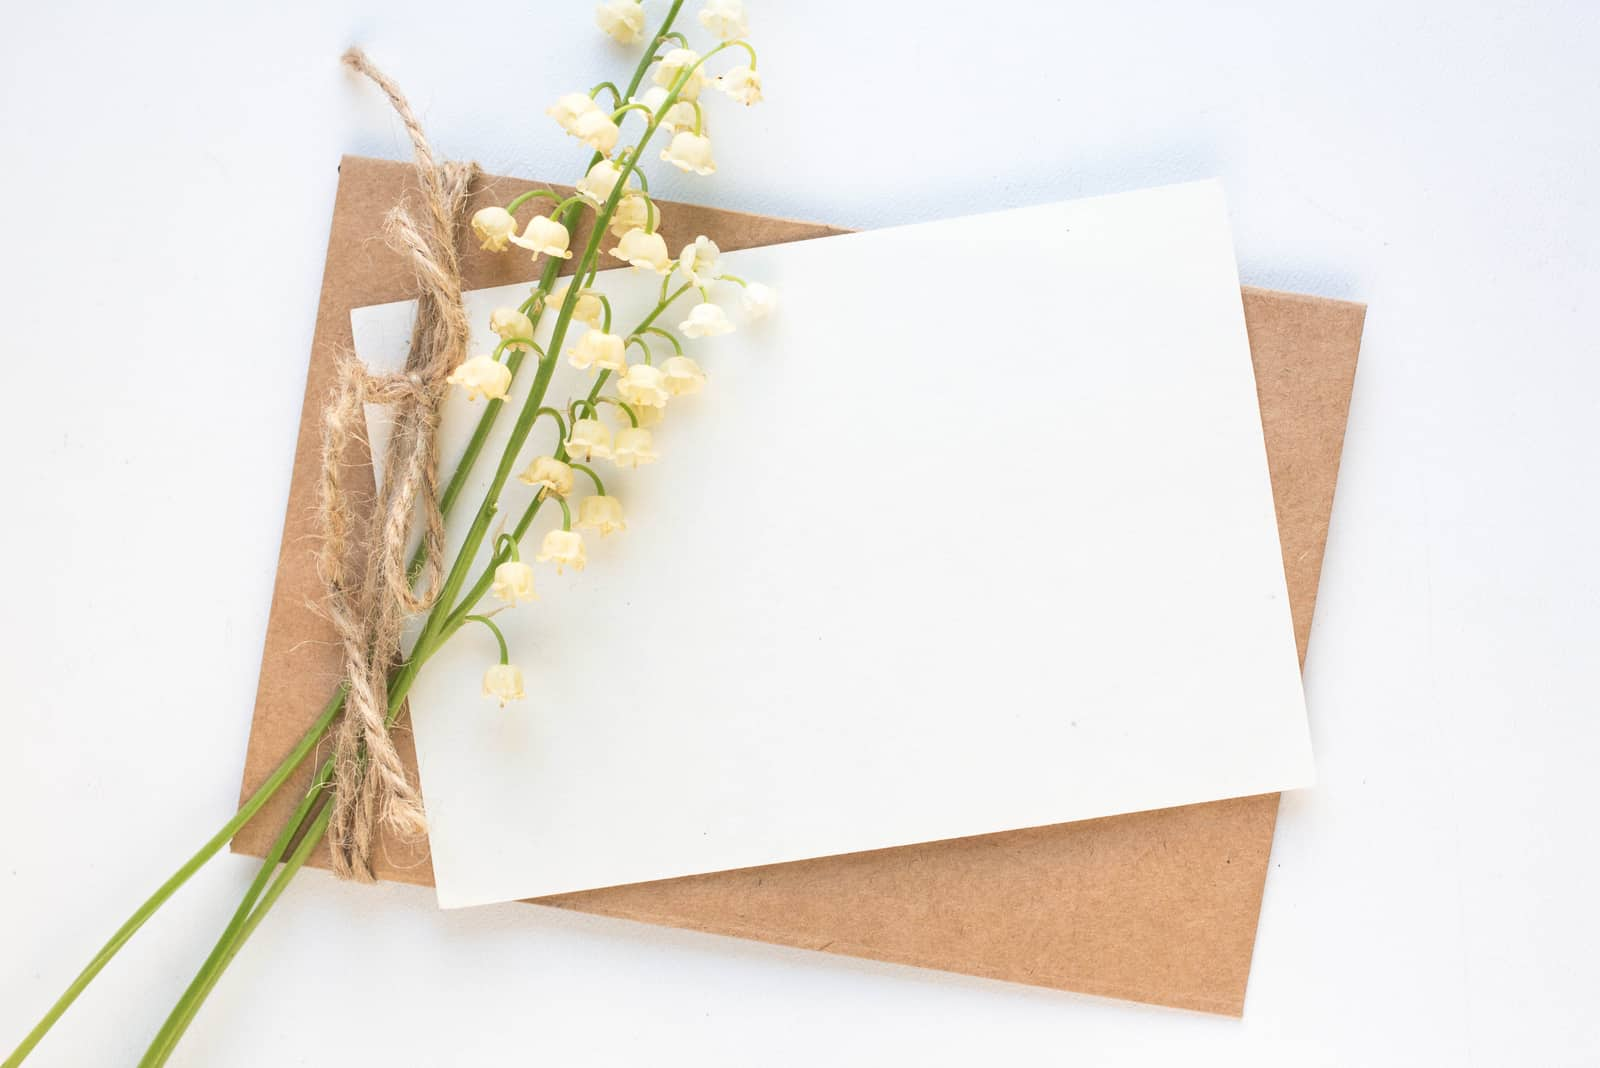 Modell mit Postkarte und Maiglöckchen auf weißem Hintergrund